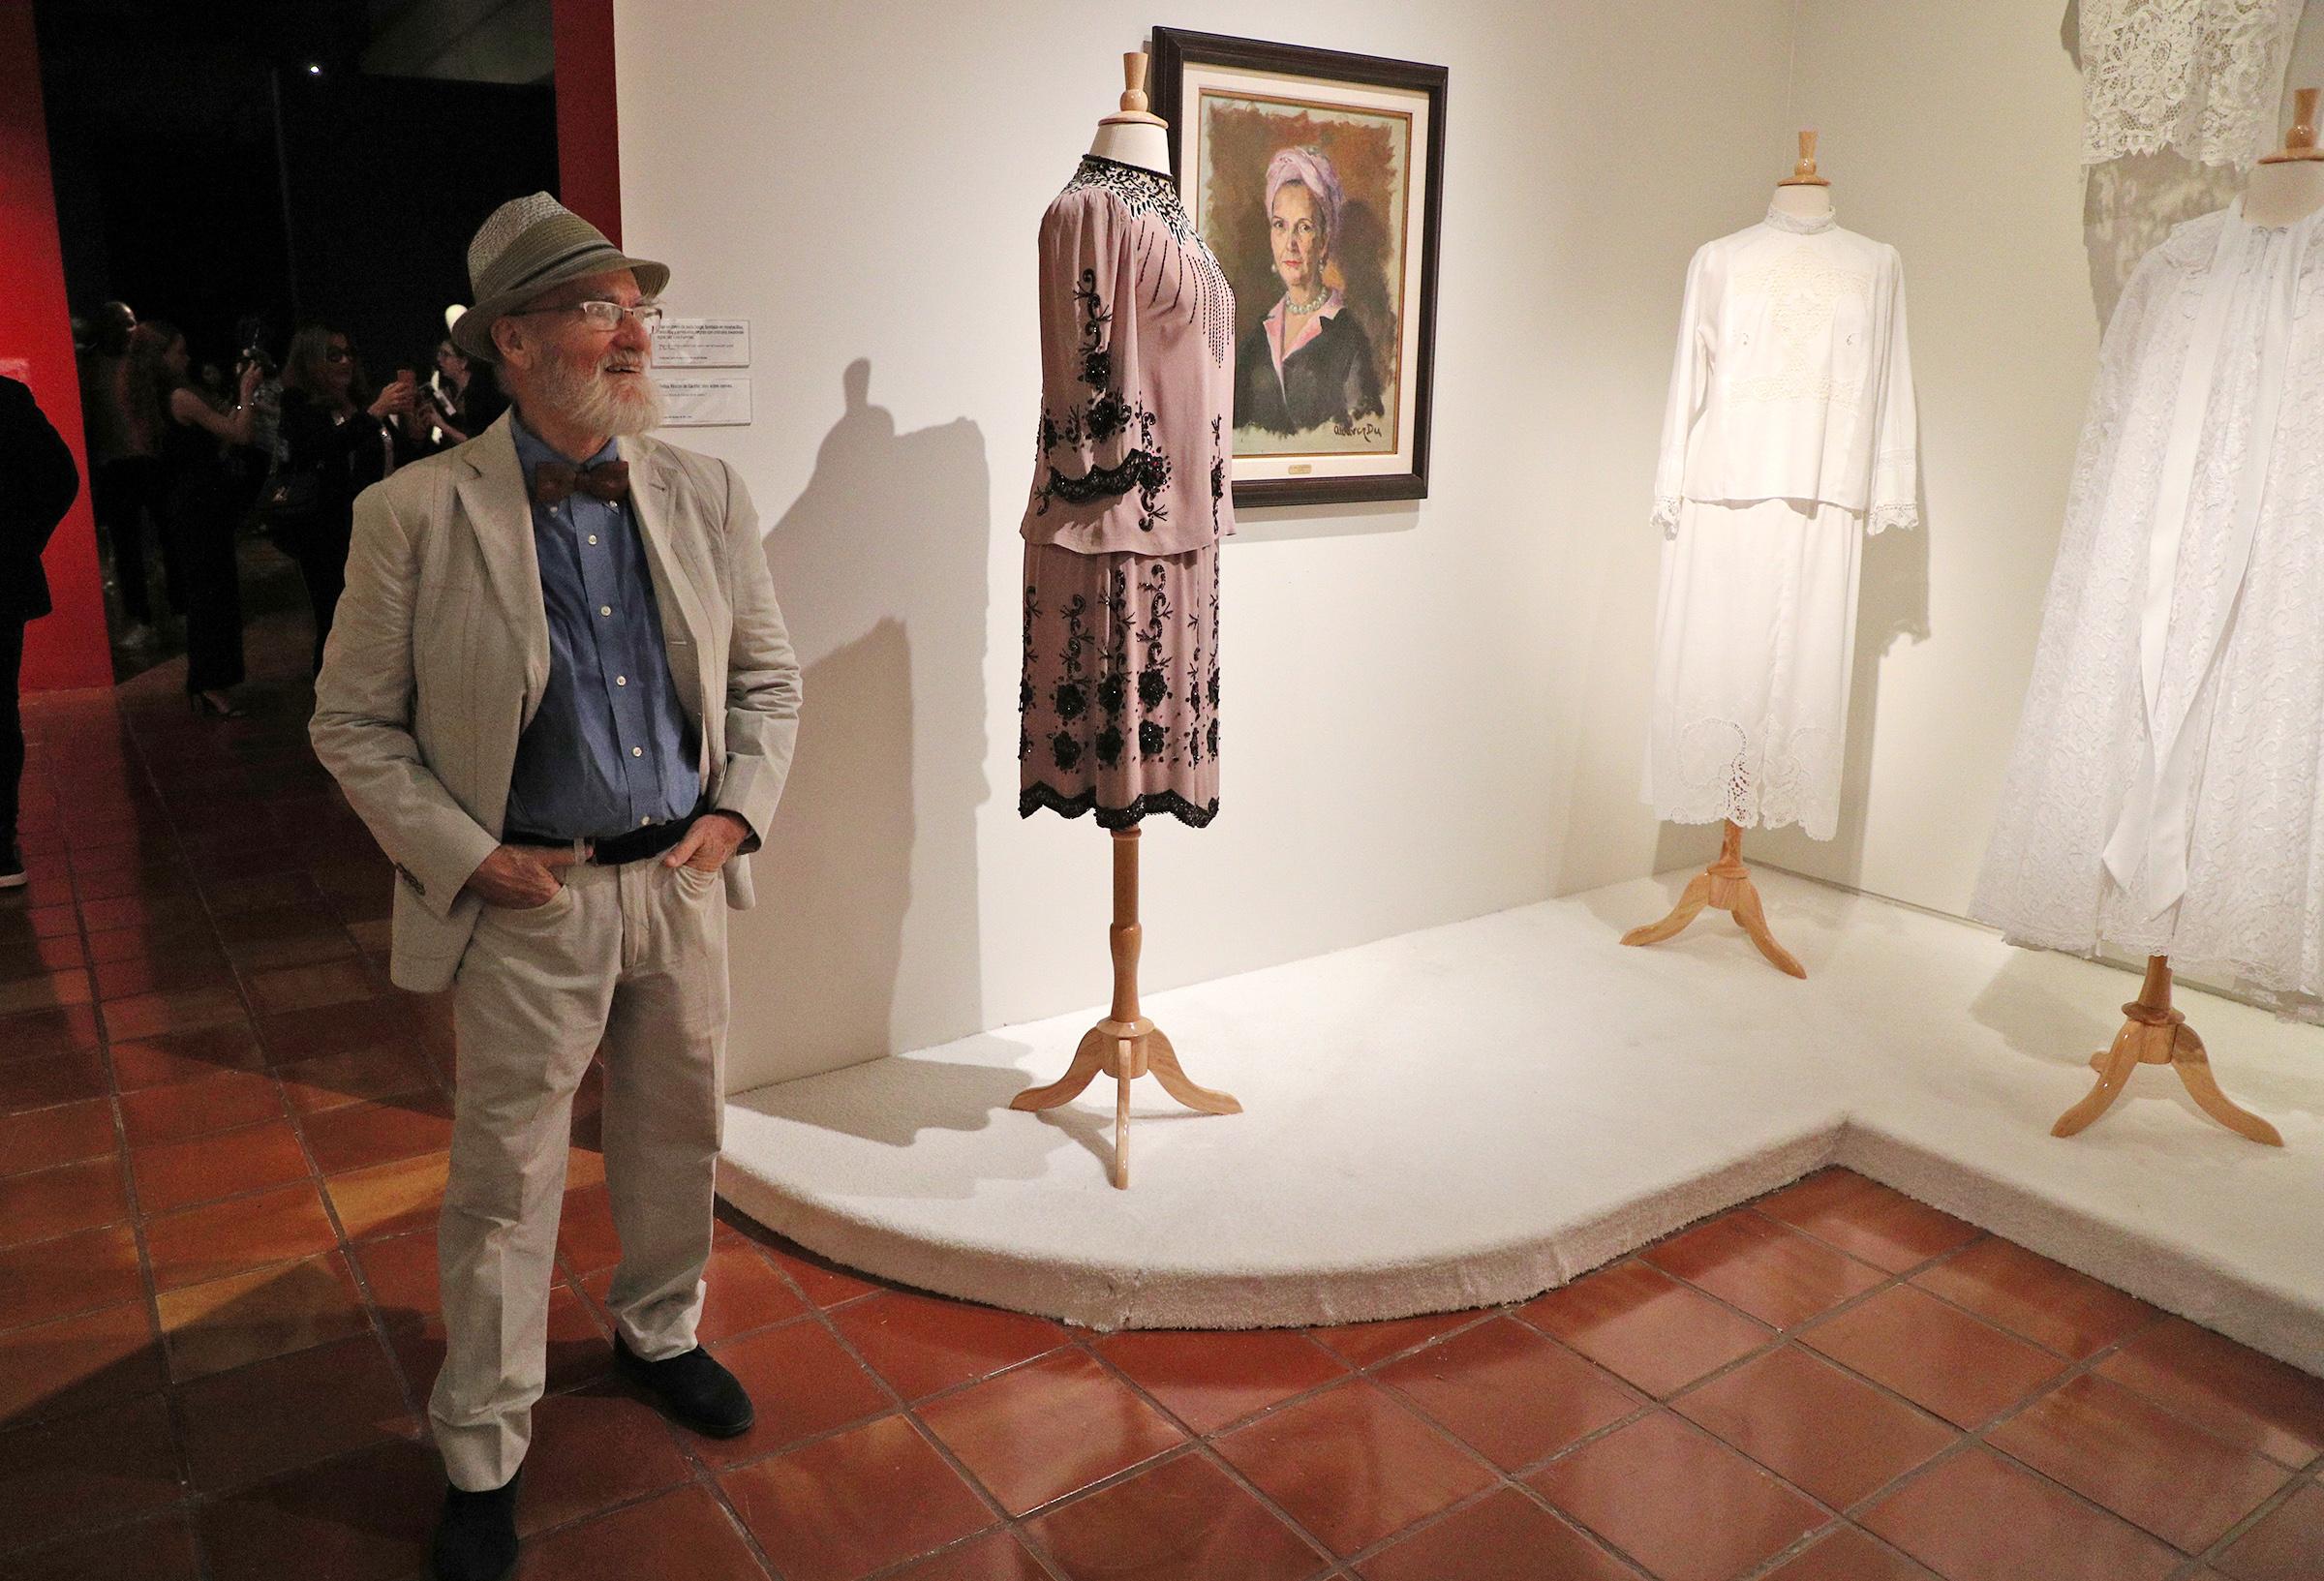 La exhibición incluye obras creadas por el maestro Antonio Martorell para quien fuera alcaldesa de la ciudad de San Juan entre 1946 y 1968. (Foto: Juan Luis Martínez)